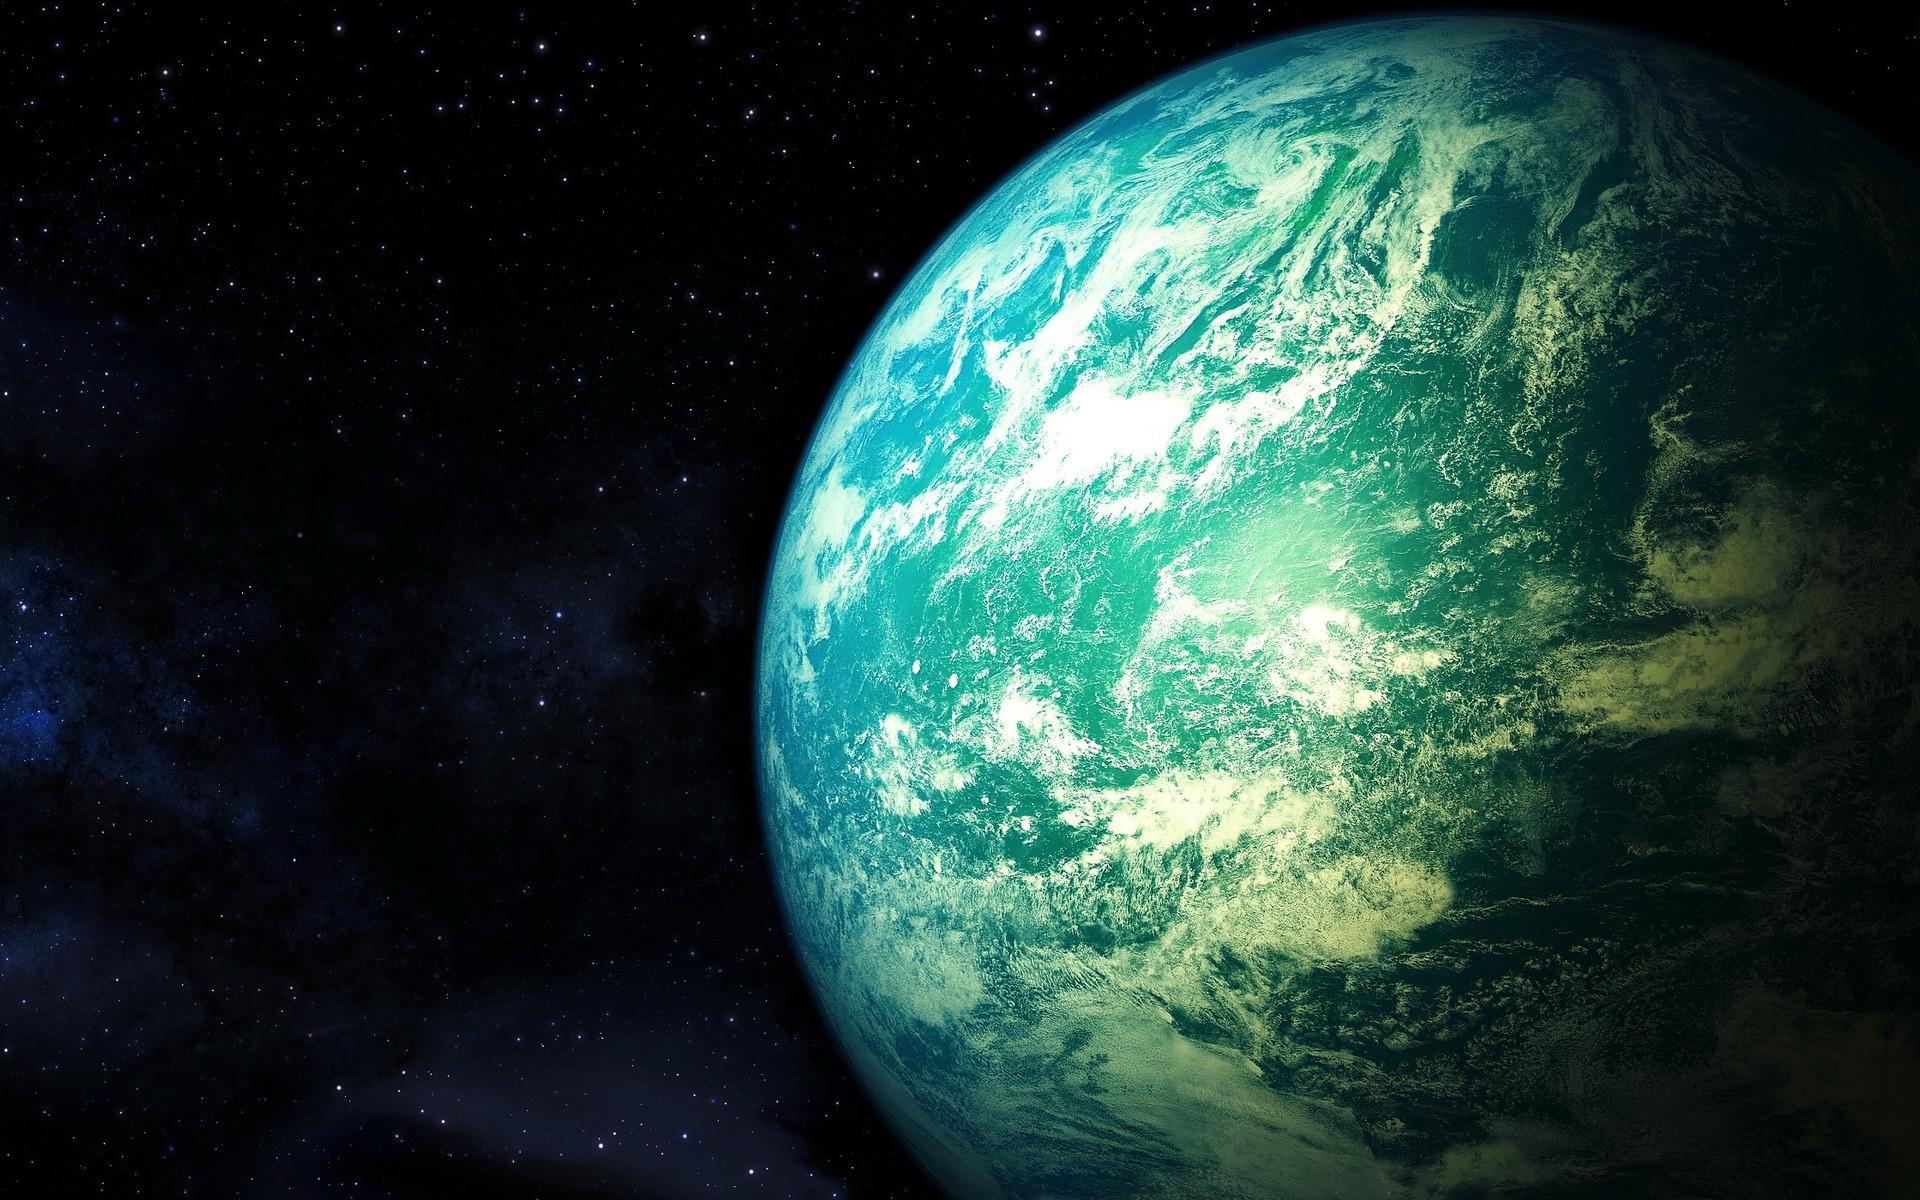 El planeta tierra desde el espacio - 1920x1200